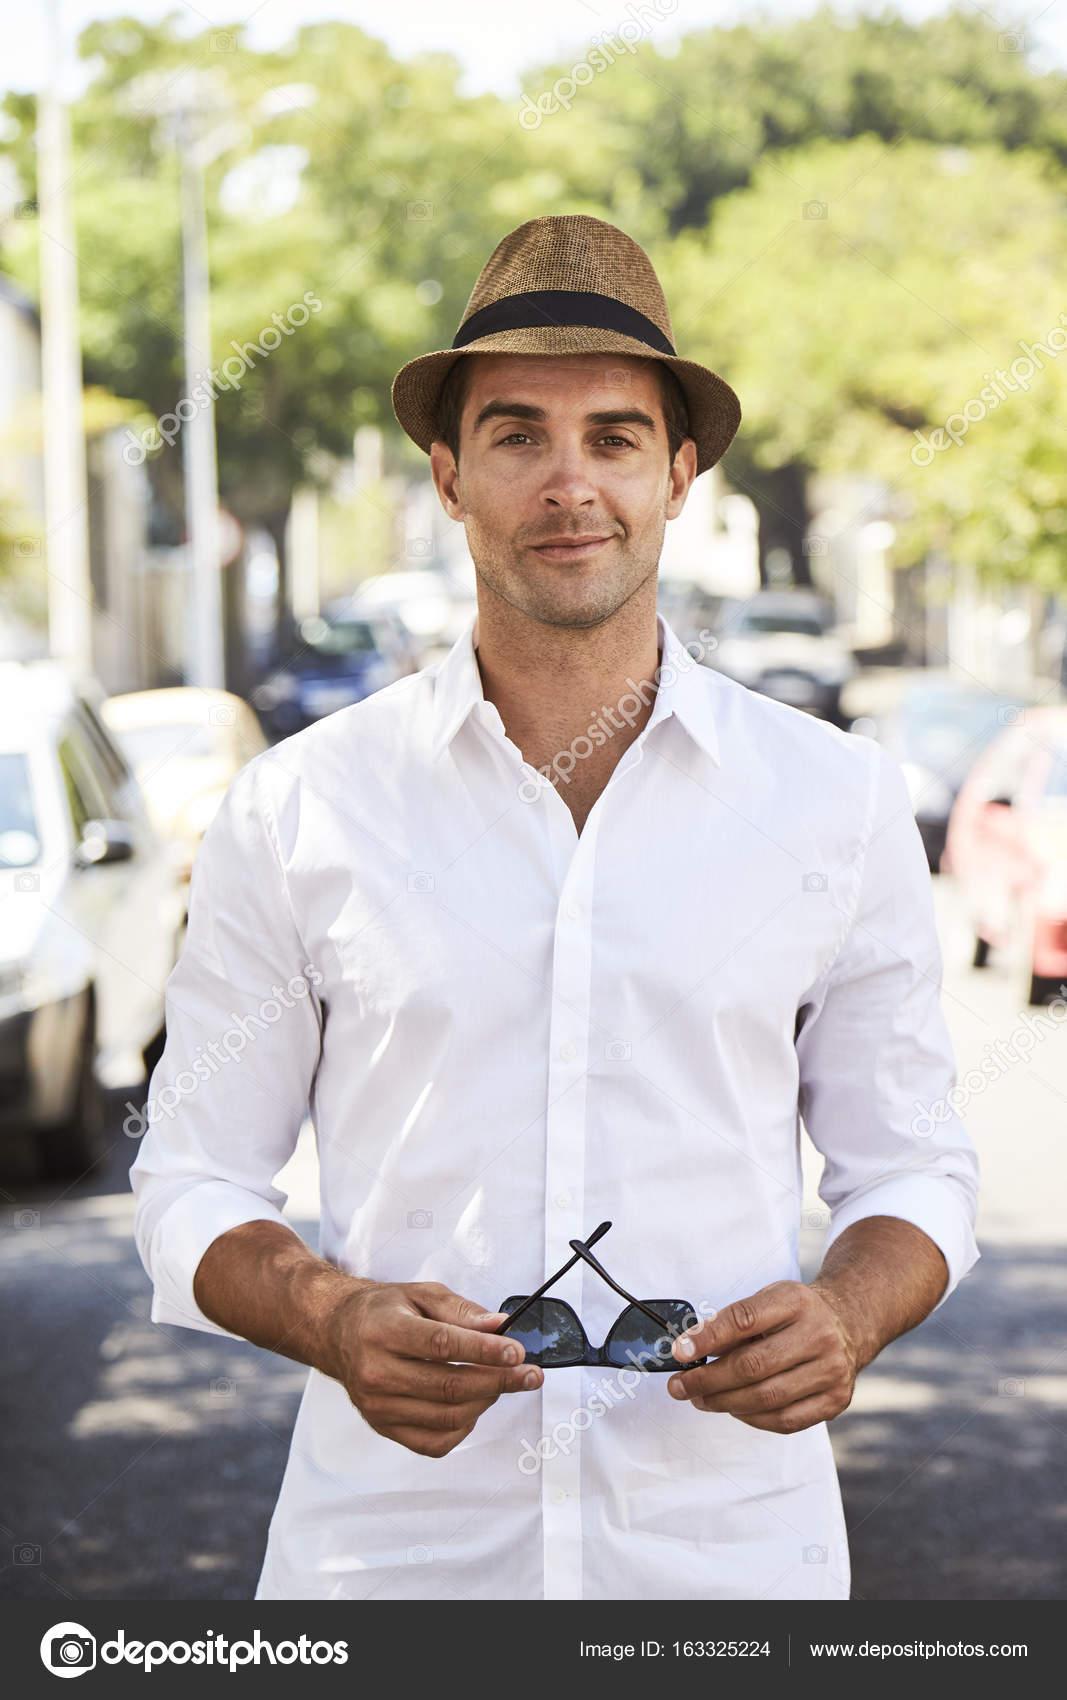 l'atteggiamento migliore 4f5a0 3616e Ragazzo in camicia bianca e cappello — Foto Stock ...